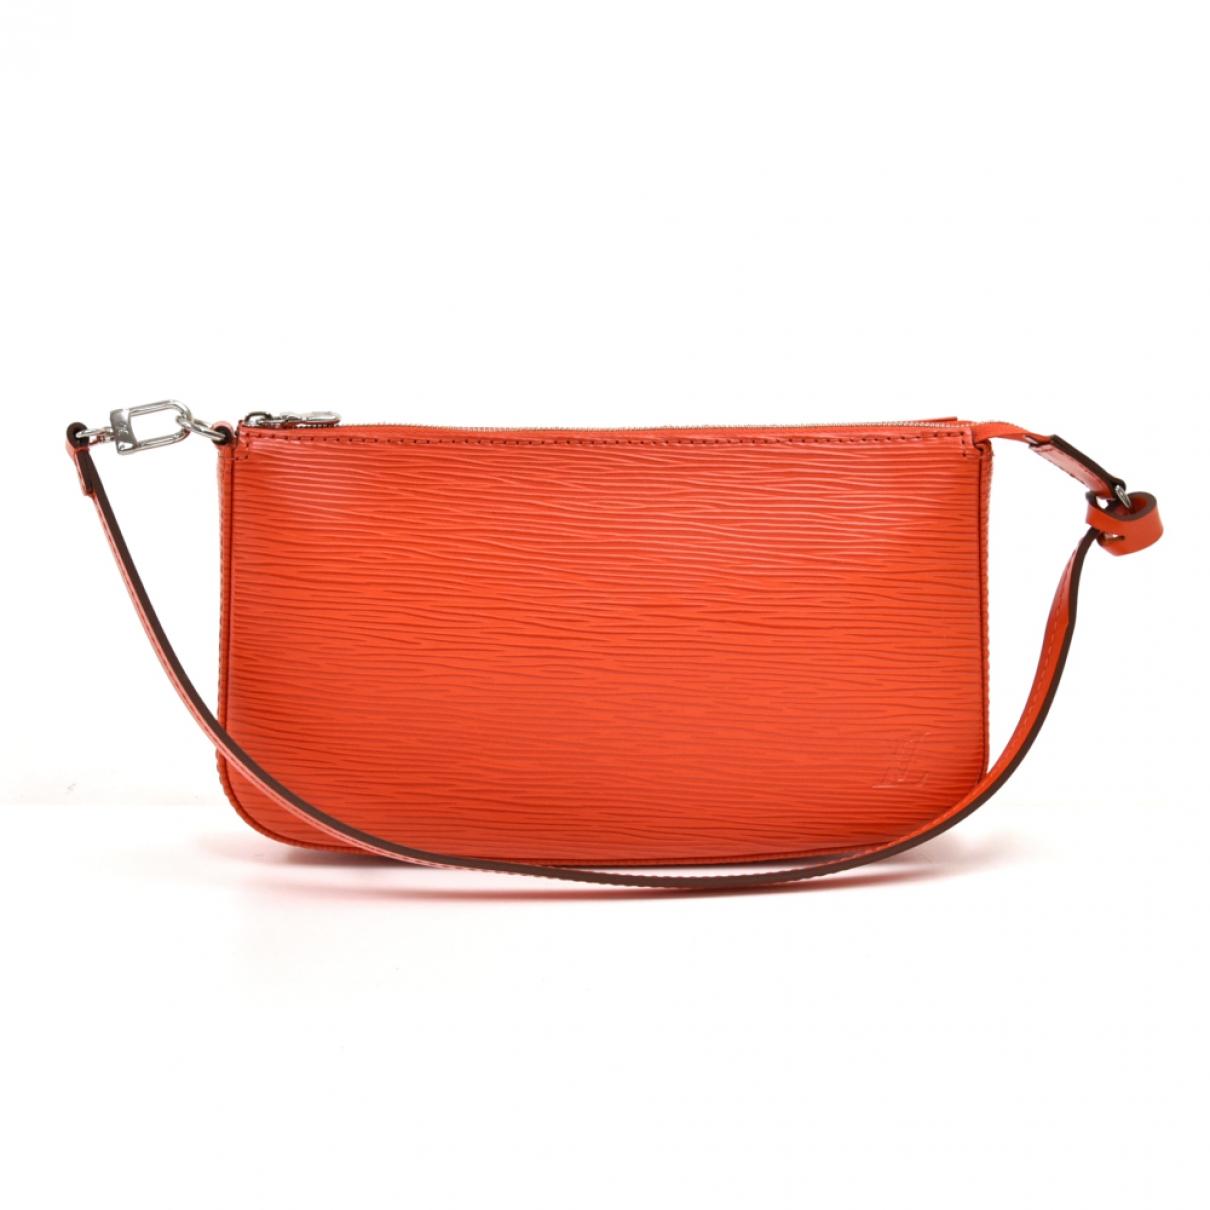 Louis Vuitton Pochette Accessoire Clutch in  Orange Leder